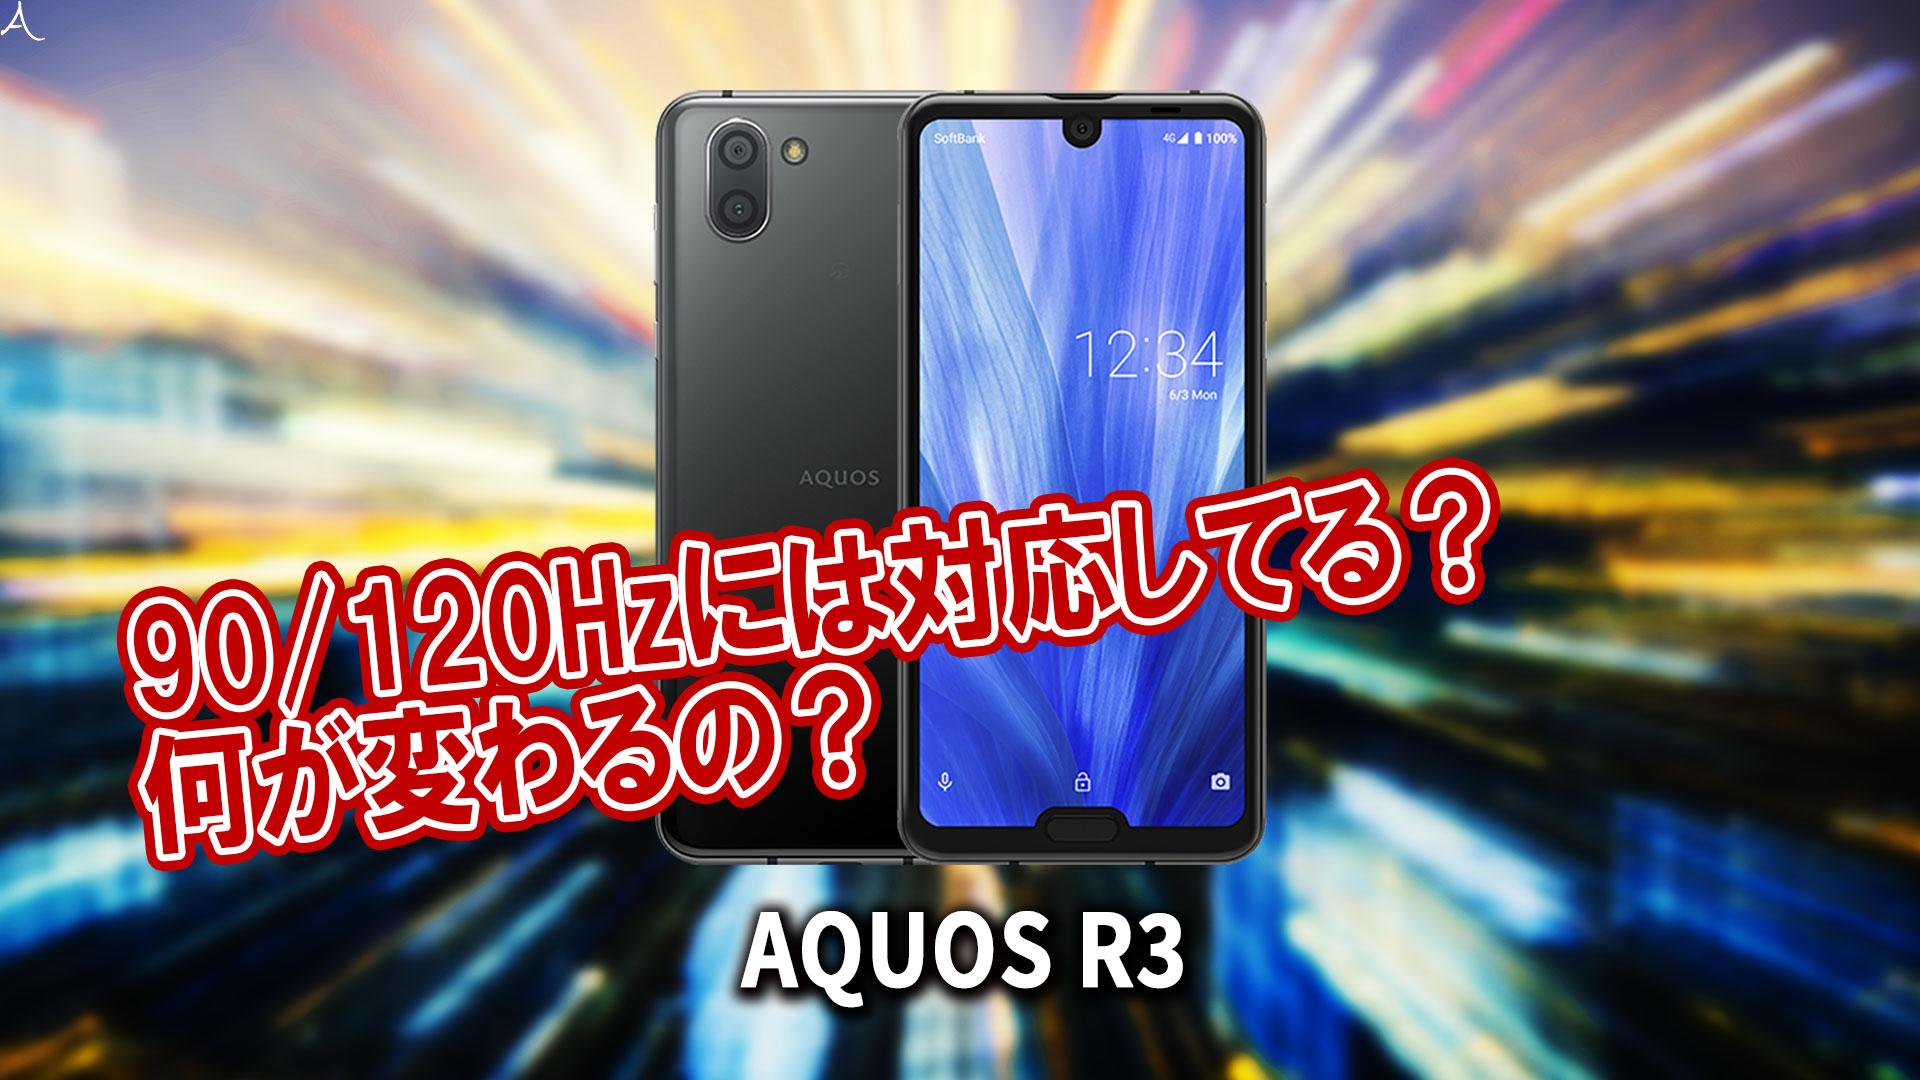 「AQUOS R3」のリフレッシュレートはいくつ?120Hzには対応してる?